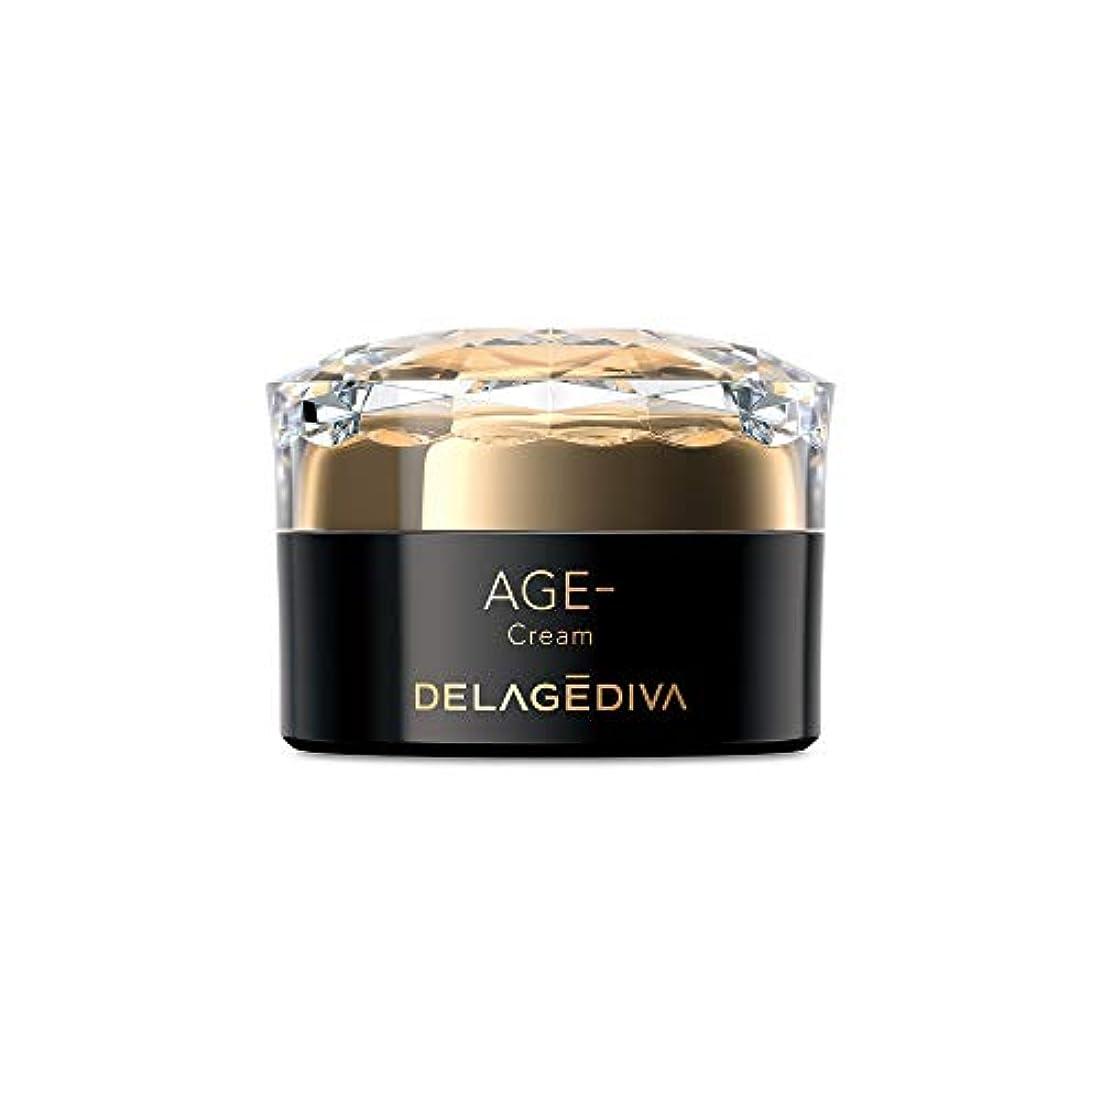 ファンブル分析的気を散らすDELAGEDIVA AGE- Cream